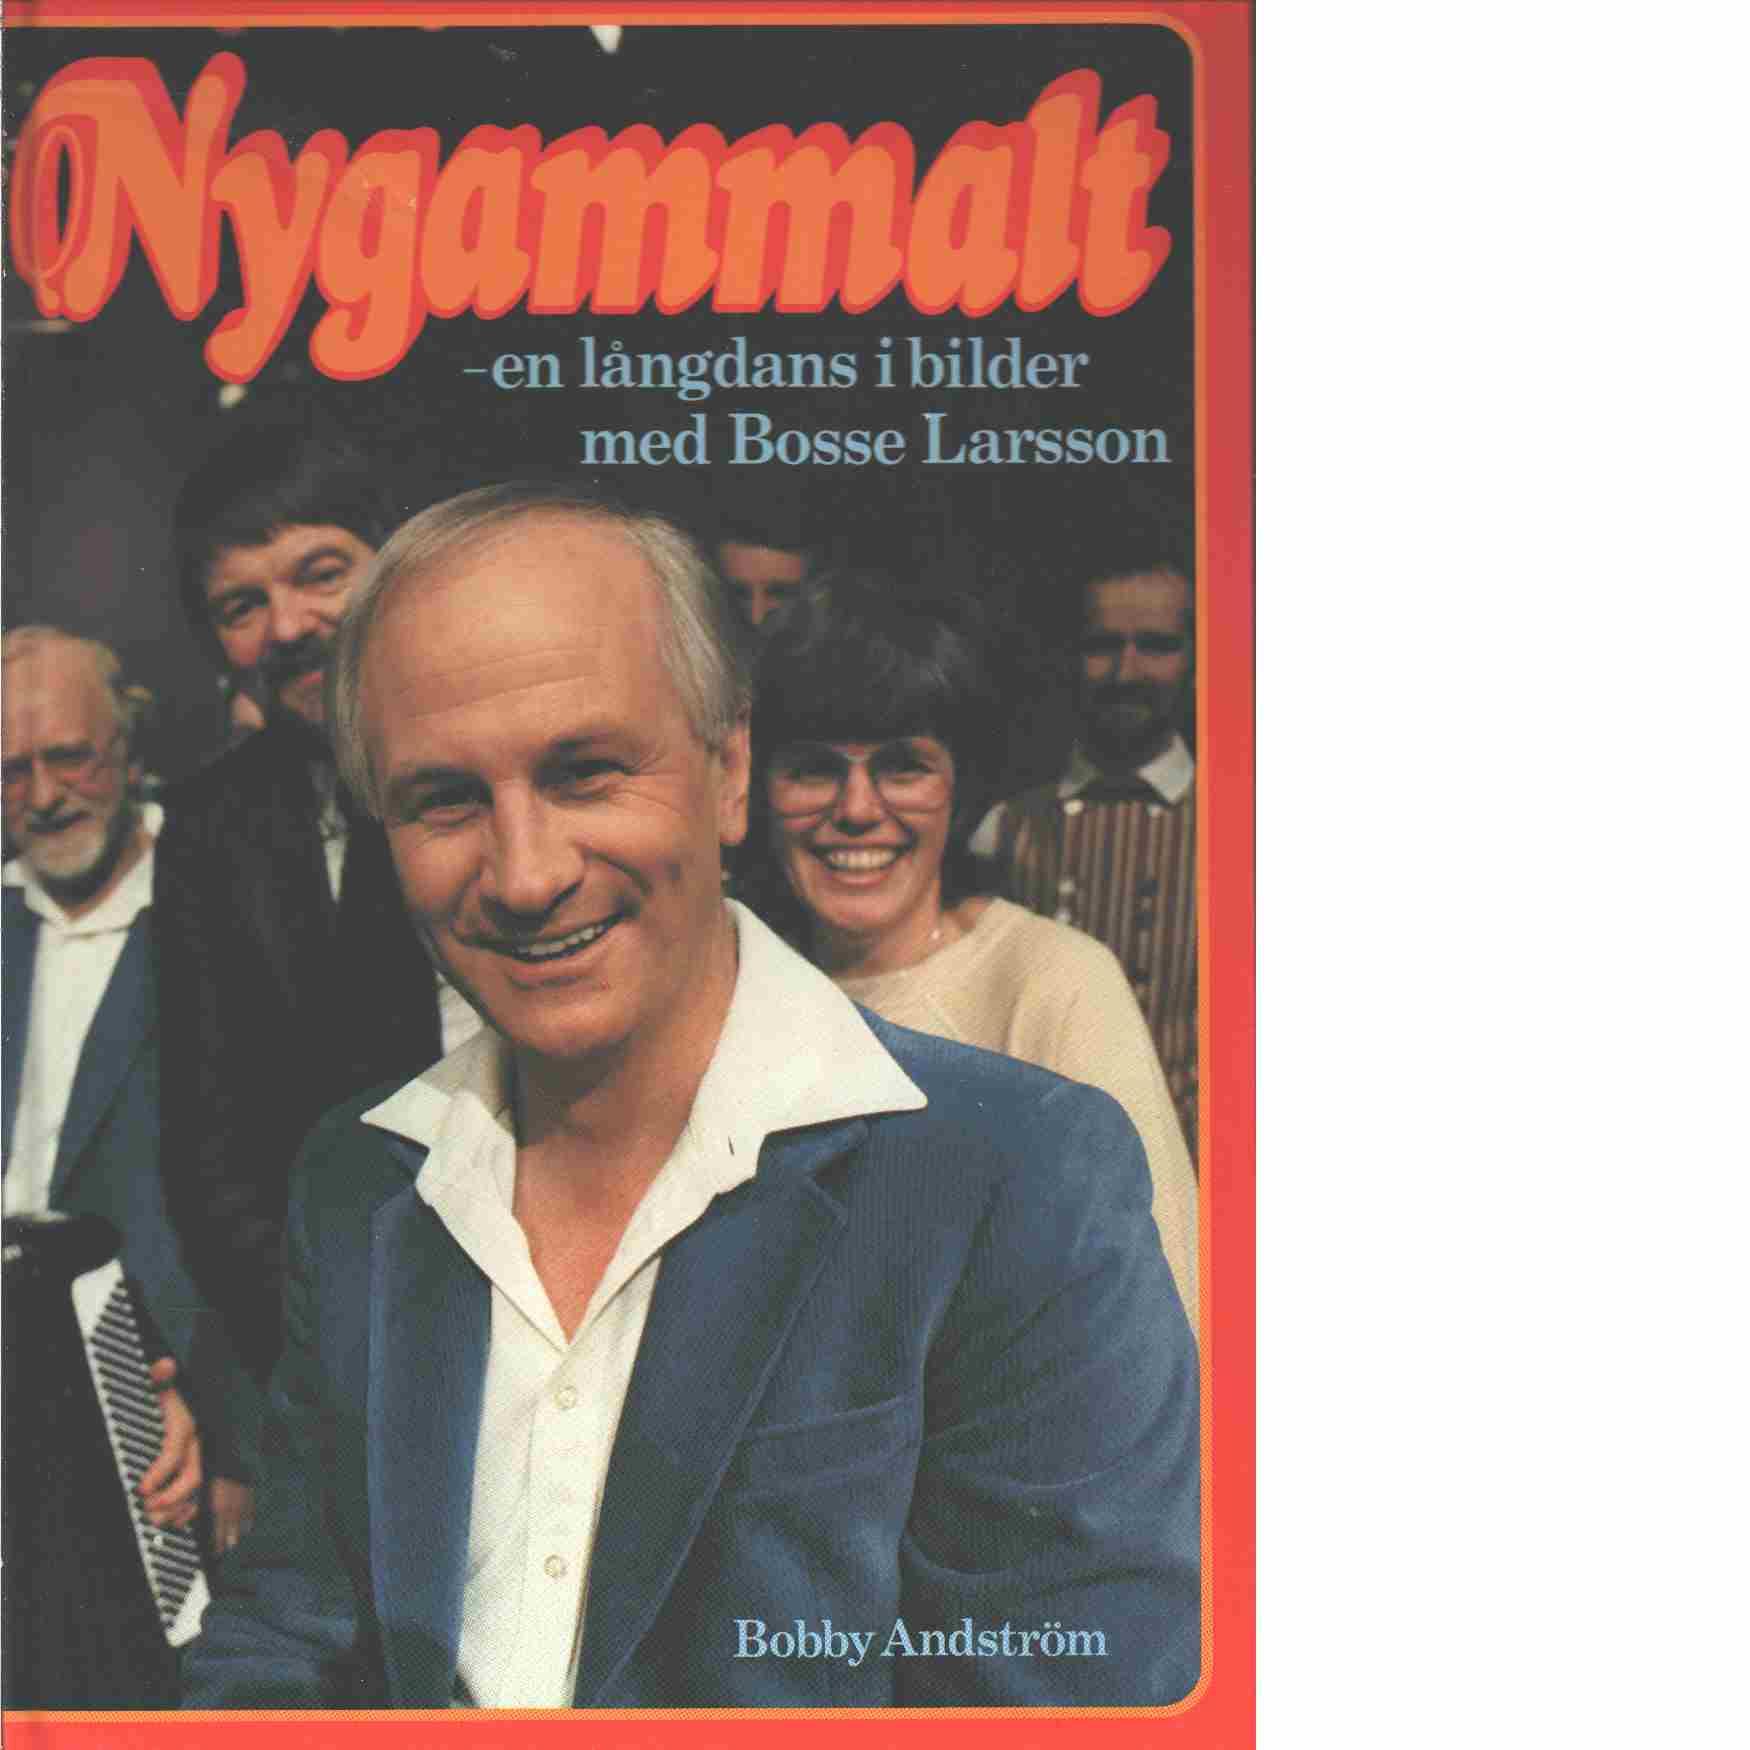 Nygammalt : en långdans i bilder med Bosse Larsson - Andström, Bobby